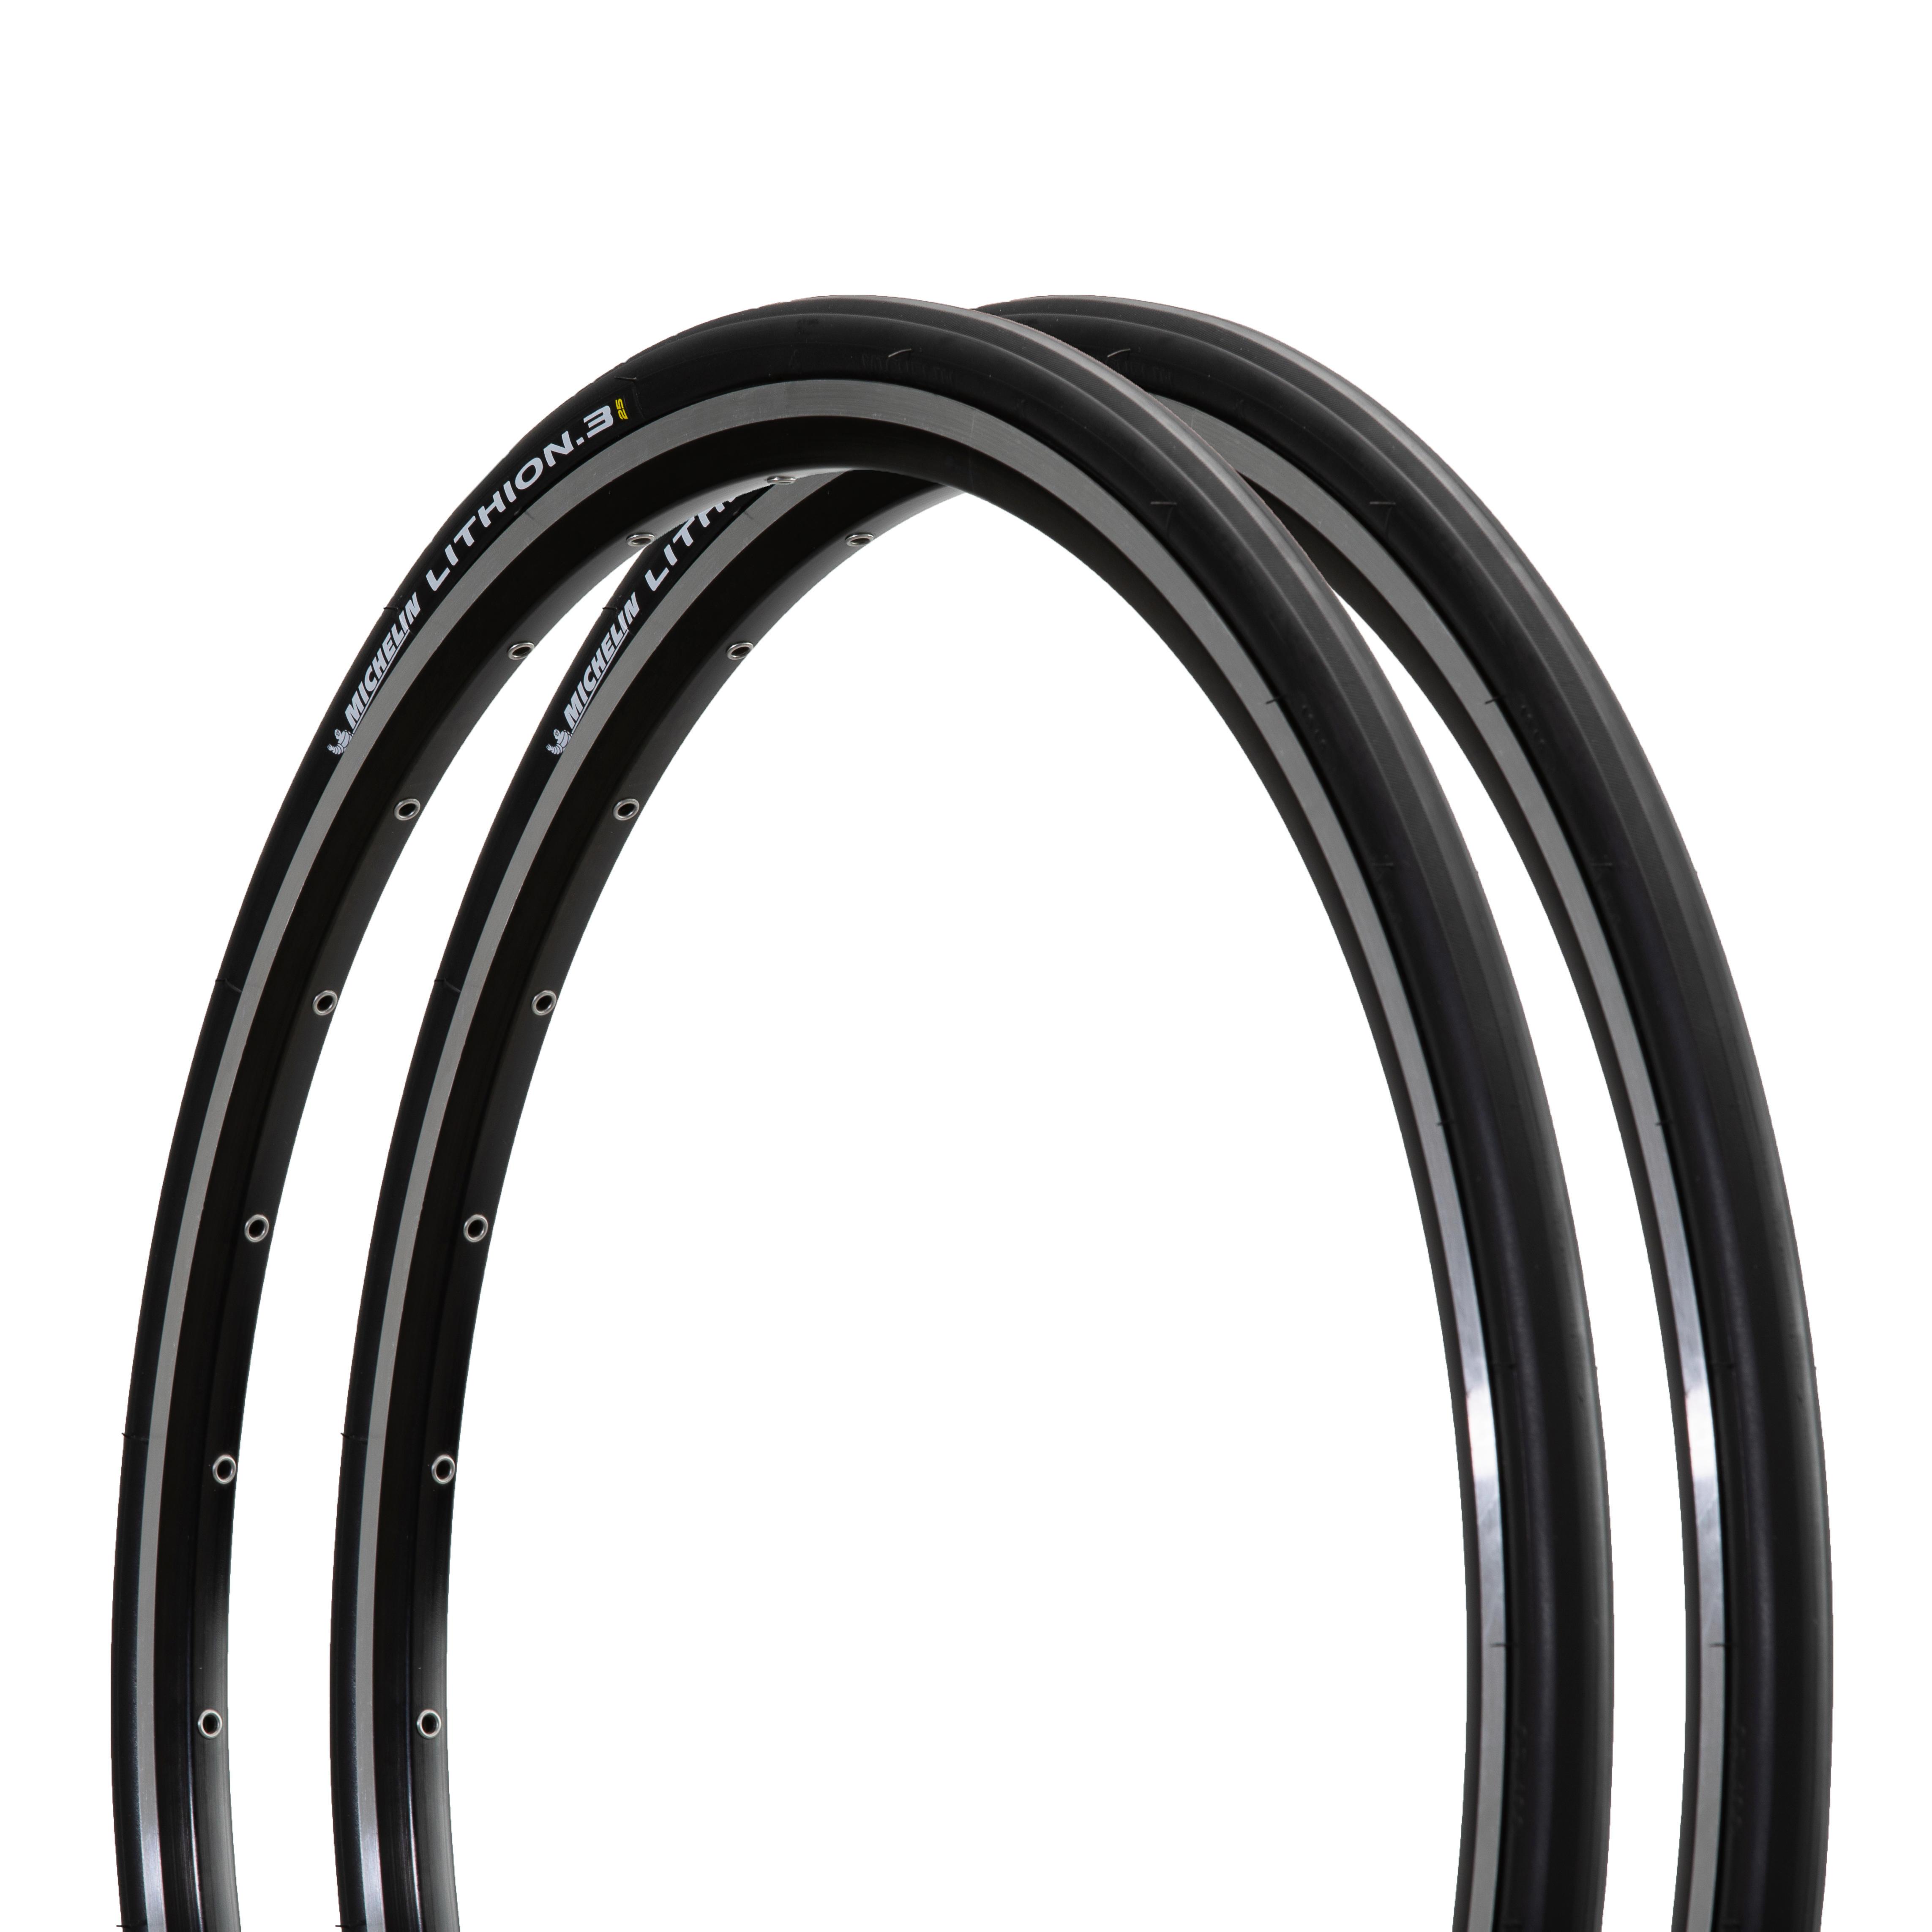 Michelin Due copertoni LITHION 3 700x25 tallone morbido / ETRTO 25-622